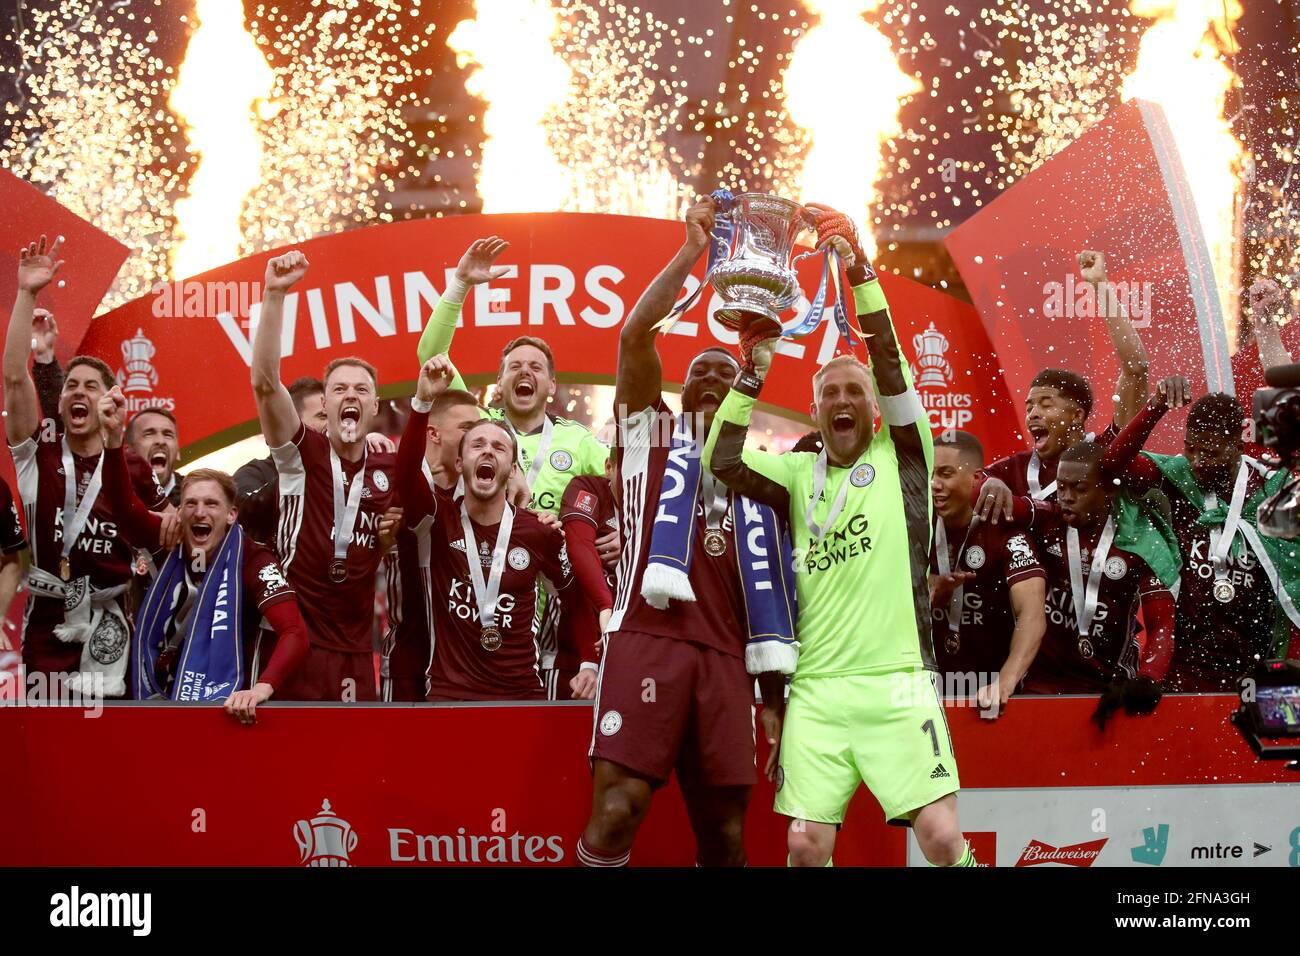 Il Wes Morgan di Leicester City (a sinistra) e il portiere di Leicester City Kasper Schmeichel sollevano il trofeo dopo la finale della fa Cup di Emirates allo stadio di Wembley, Londra. Data immagine: Sabato 15 maggio 2021. Foto Stock